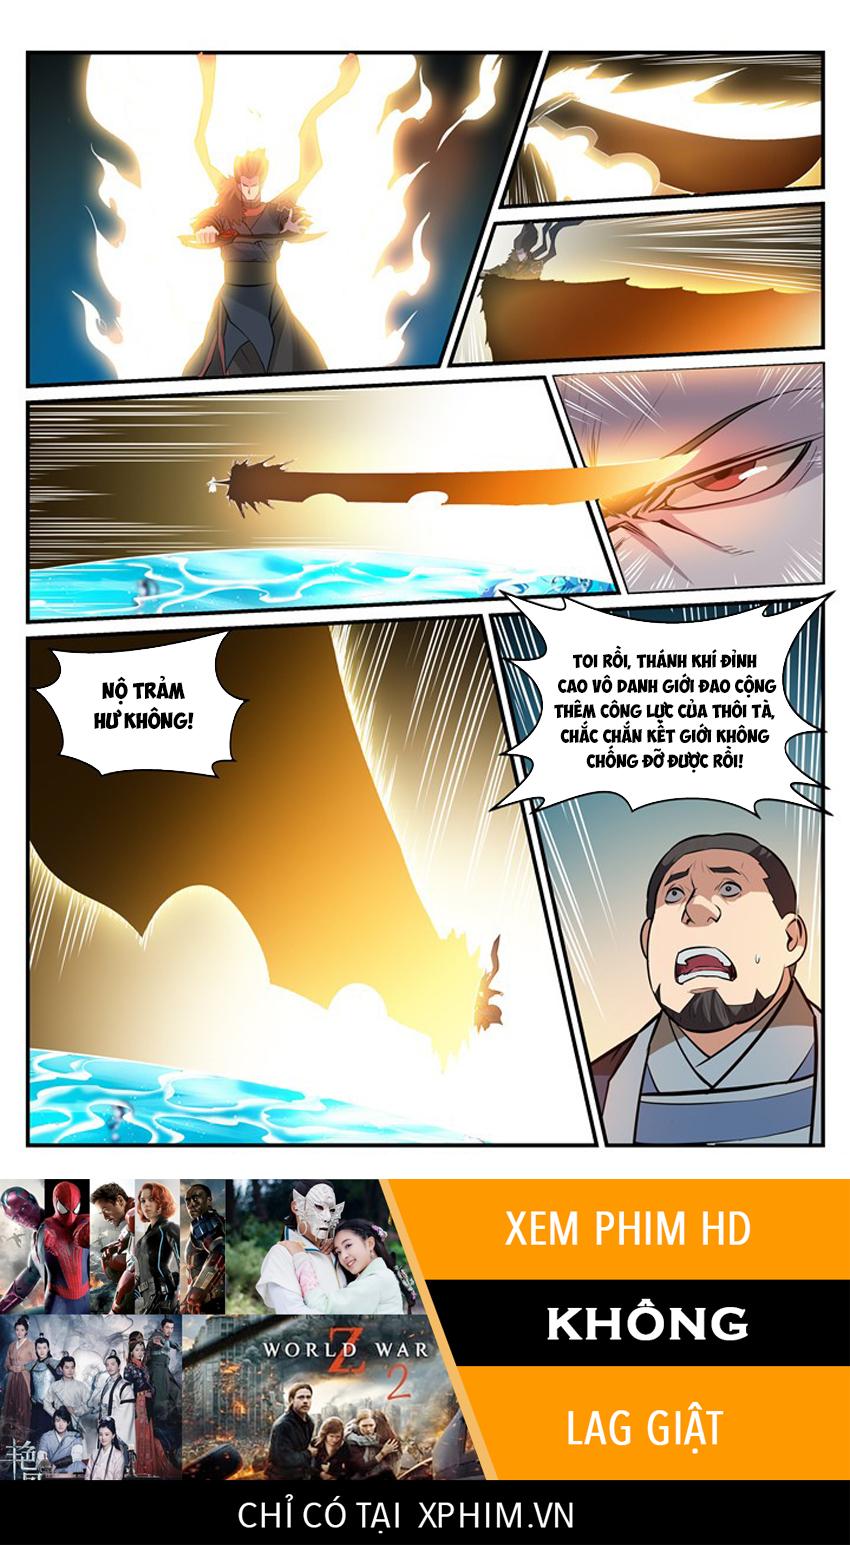 Bách Luyện Thành Thần Chapter 198 trang 17 - CungDocTruyen.com